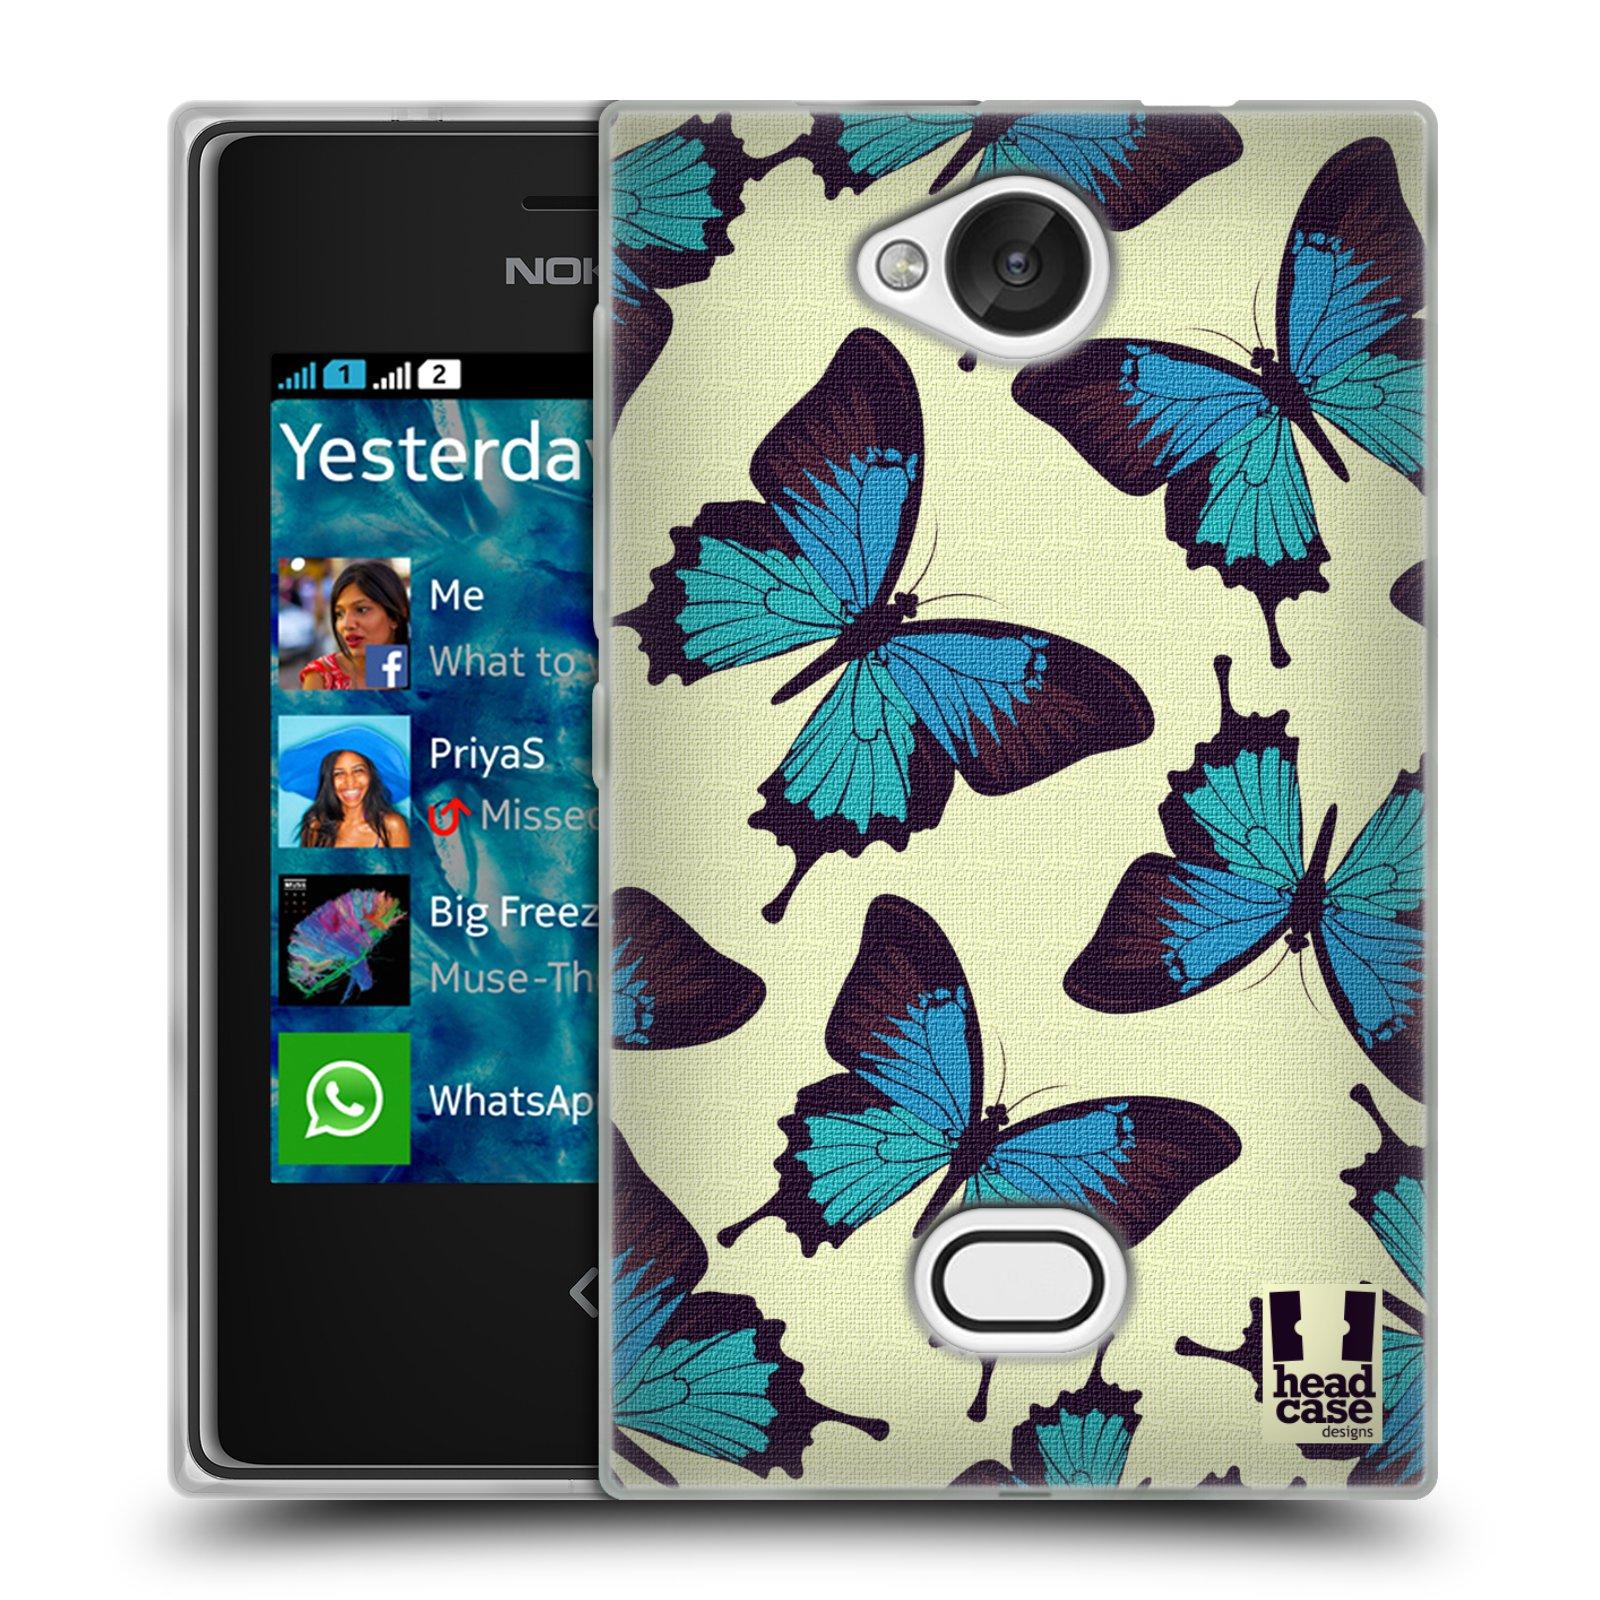 HEAD CASE silikonový obal na mobil NOKIA Asha 503 vzor Motýlci modrá